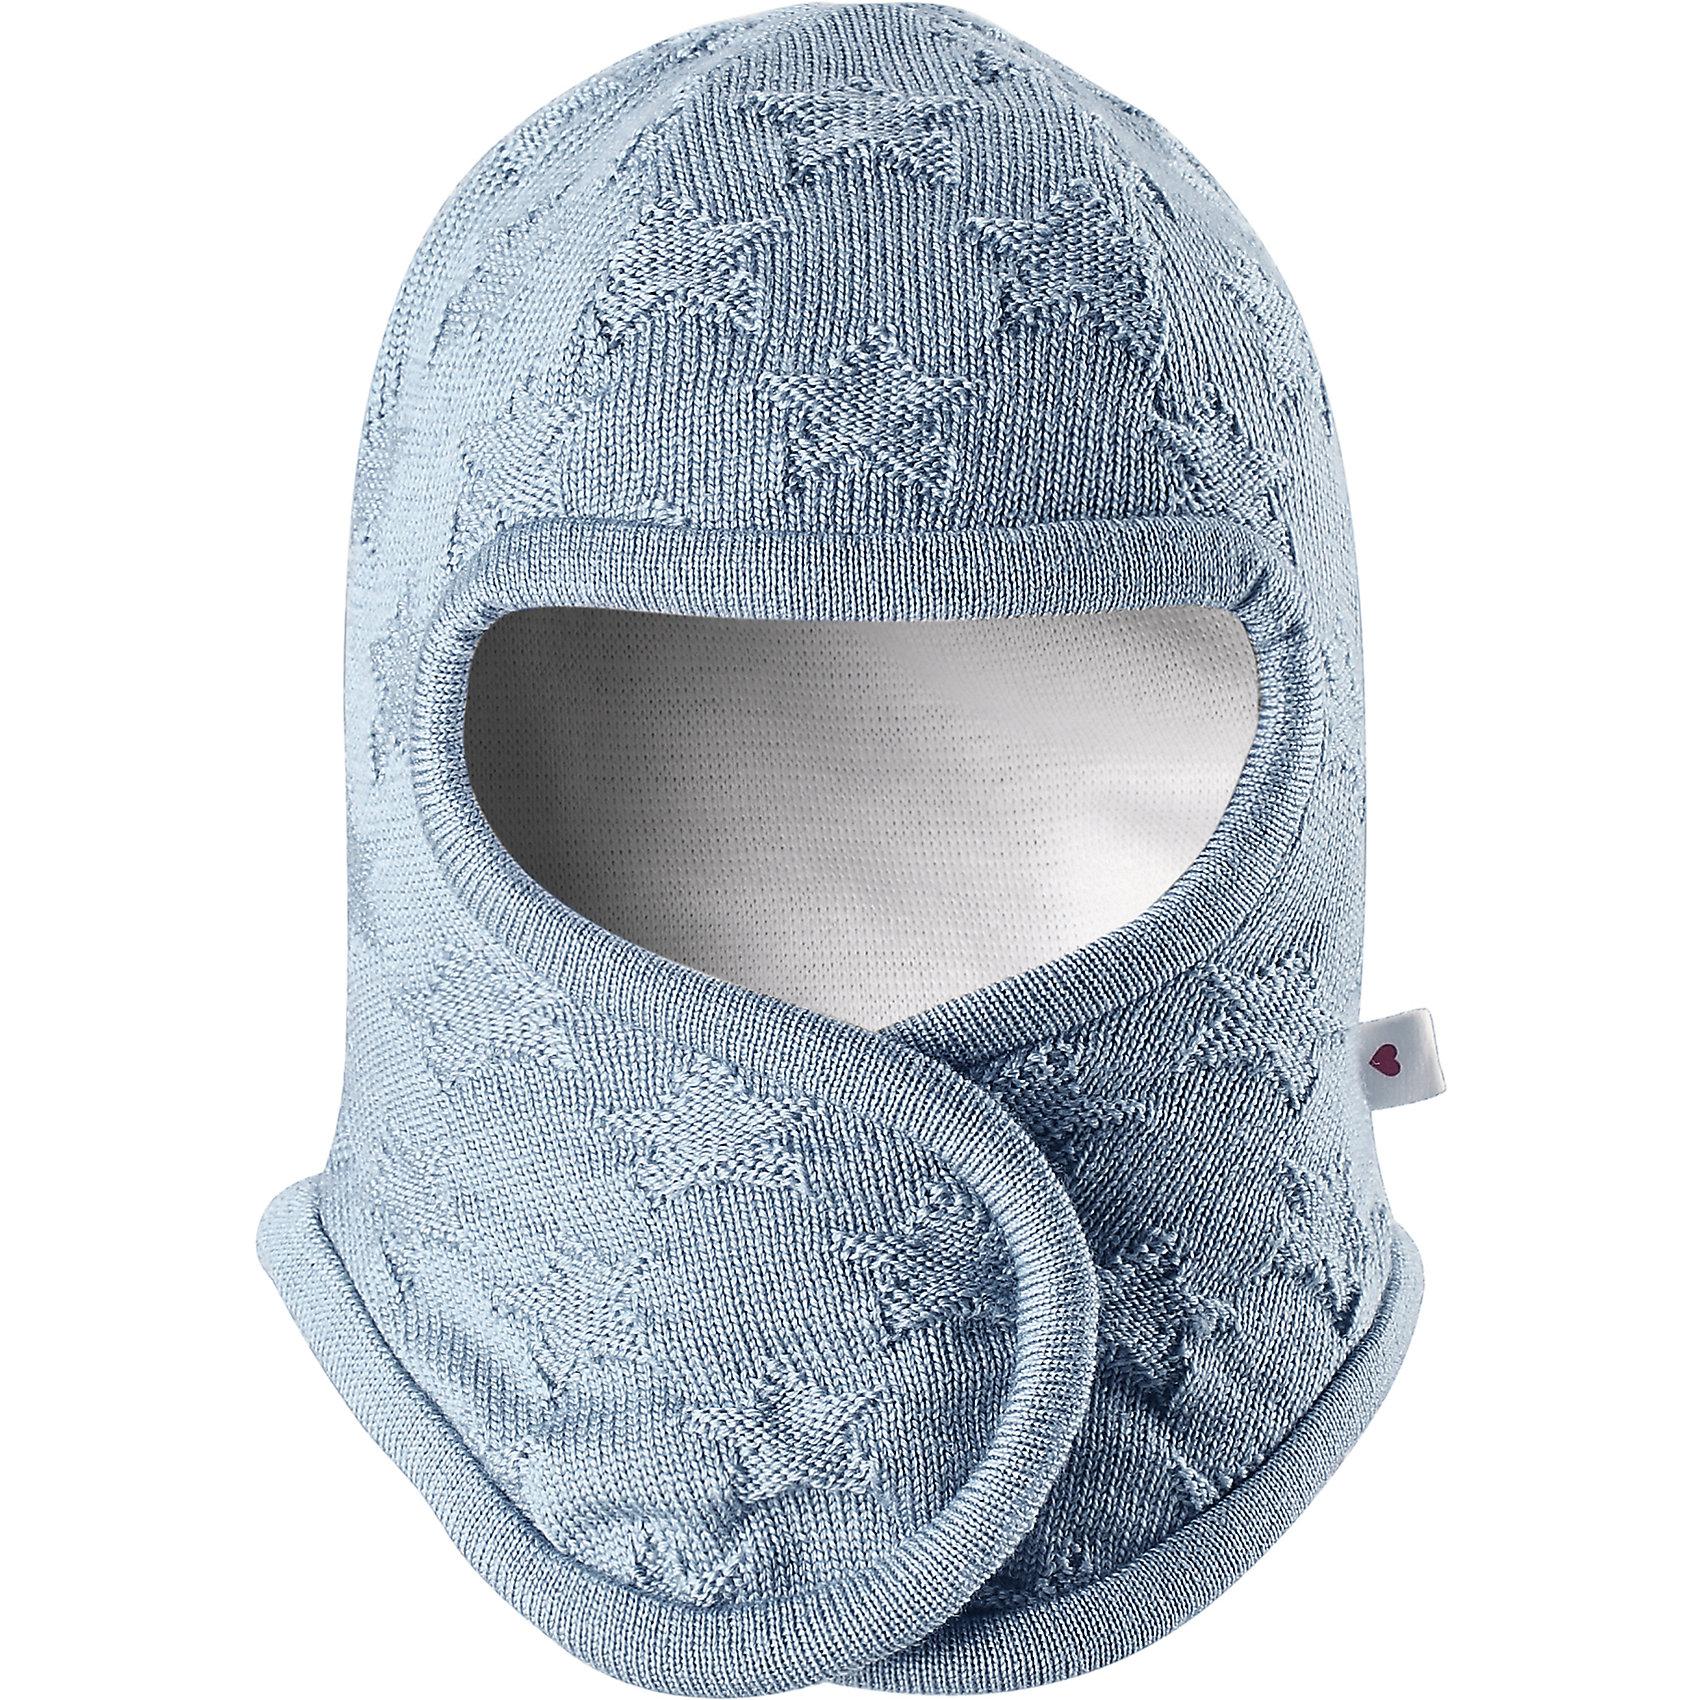 Шапка-шлем Littlest ReimaШапочки<br>Шапка  Reima<br>Шапка-шлем для самых маленьких. Ткань из смеси мериносовой шерсти сохраняет тепло даже при намокании. Шерсть идеально поддерживает температуру. Товар сертифицирован Oeko-Tex, класс 1, одежда для малышей. Мягкая подкладка из хлопка и эластанаЗадние швы отсутствуют. Застежка на липучке спереди. Логотип Reima® сбоку. Милый вязаный узор. Интересная структура поверхности.<br>Уход:<br>Стирать по отдельности, вывернув наизнанку. Придать первоначальную форму вo влажном виде. Возможна усадка 5 %.<br>Состав:<br>100% Шерсть<br><br>Ширина мм: 89<br>Глубина мм: 117<br>Высота мм: 44<br>Вес г: 155<br>Цвет: синий<br>Возраст от месяцев: 0<br>Возраст до месяцев: 2<br>Пол: Унисекс<br>Возраст: Детский<br>Размер: 34-36,40-42,44-46<br>SKU: 4775568